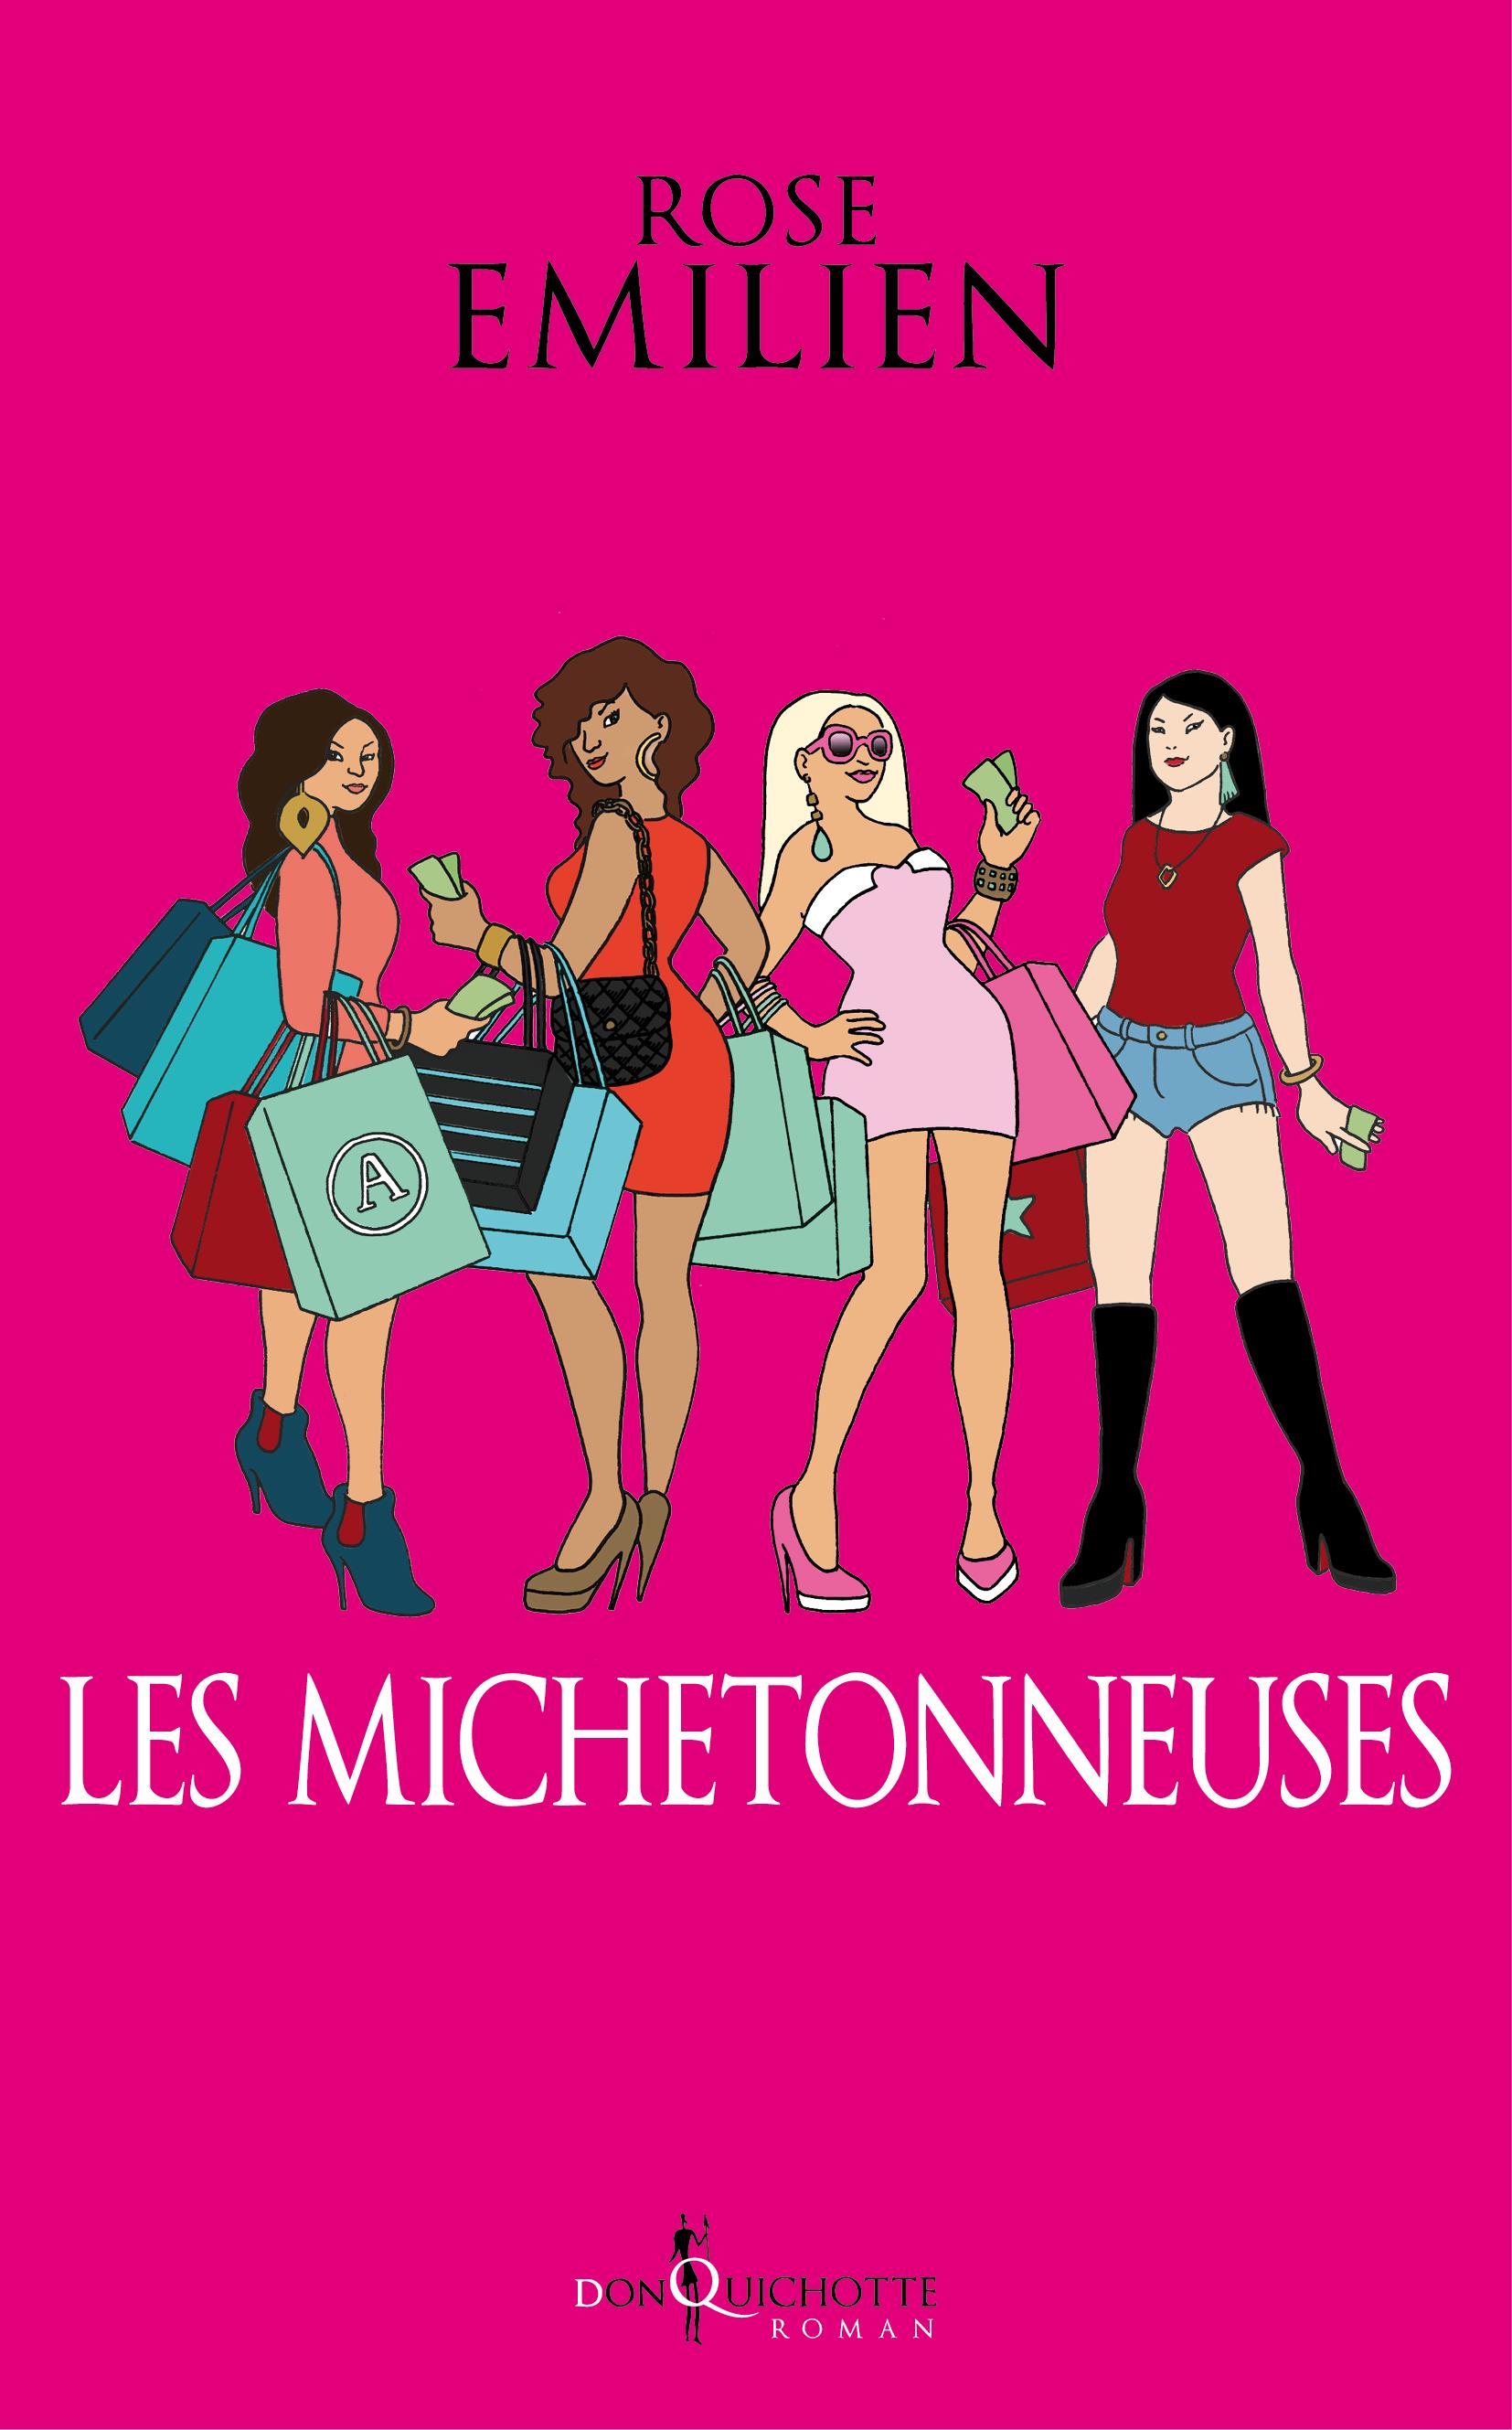 Les Michetonneuses (2016) - Rose Emilien